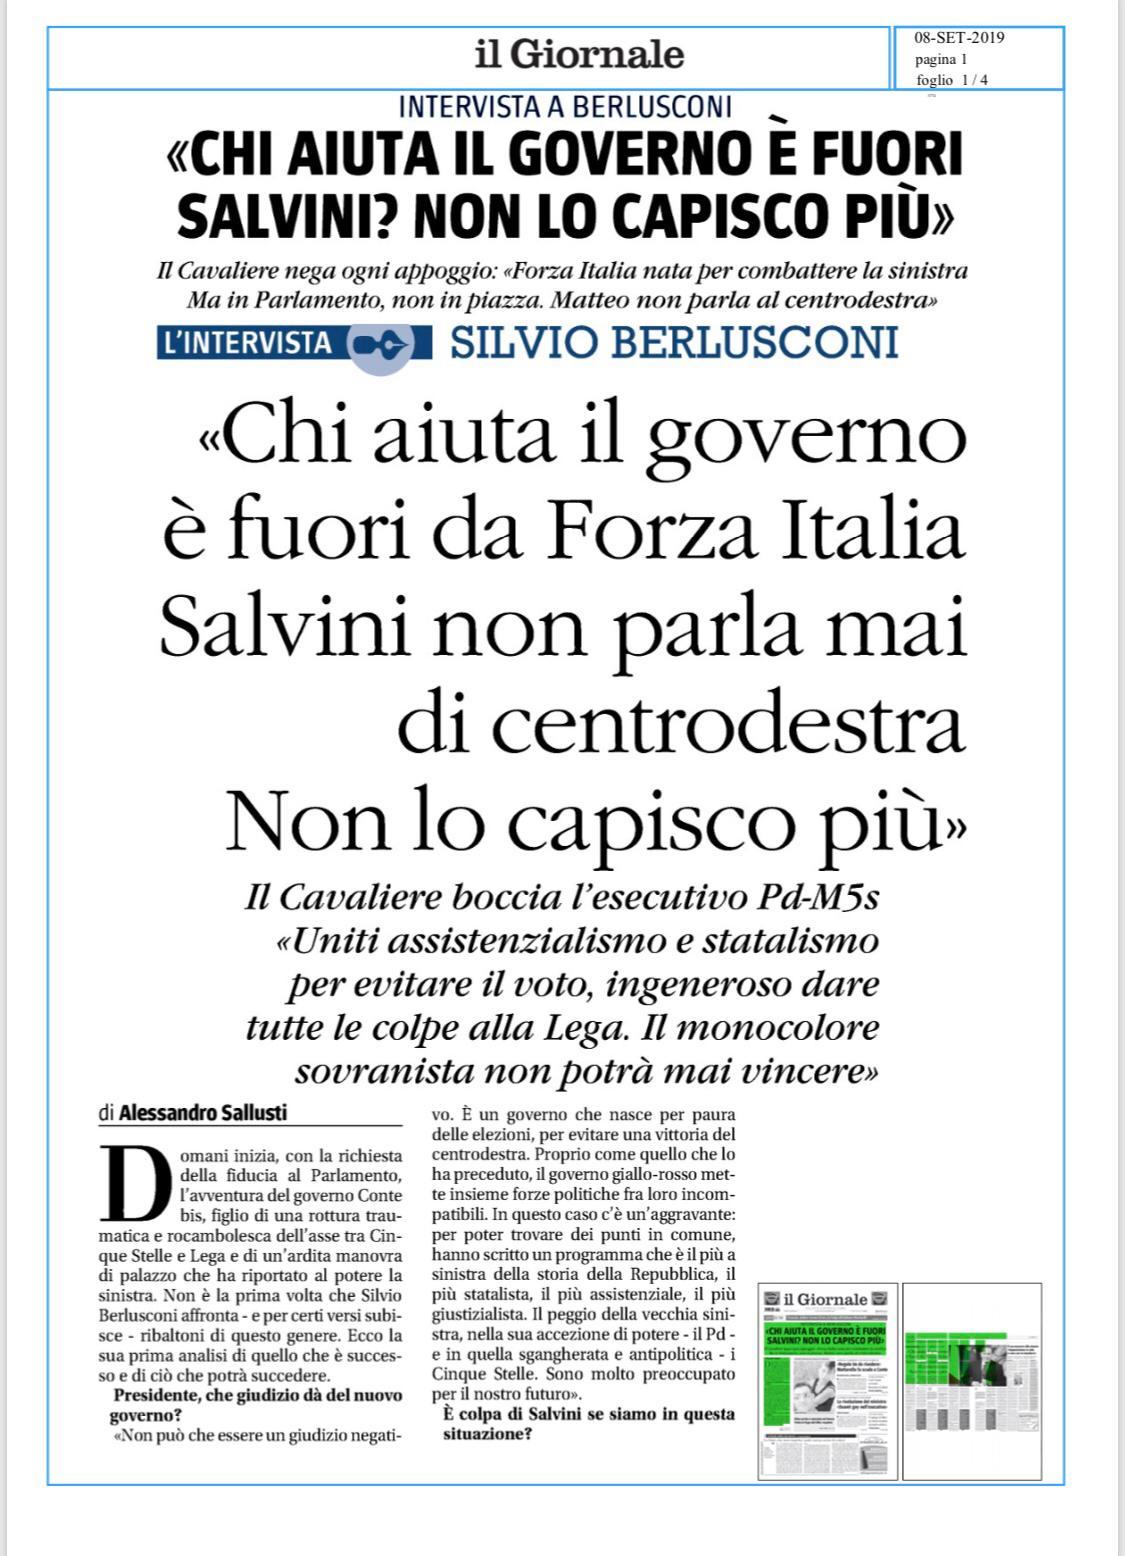 Berlusconi illustra la linea di Forza Italia al Giornale 4